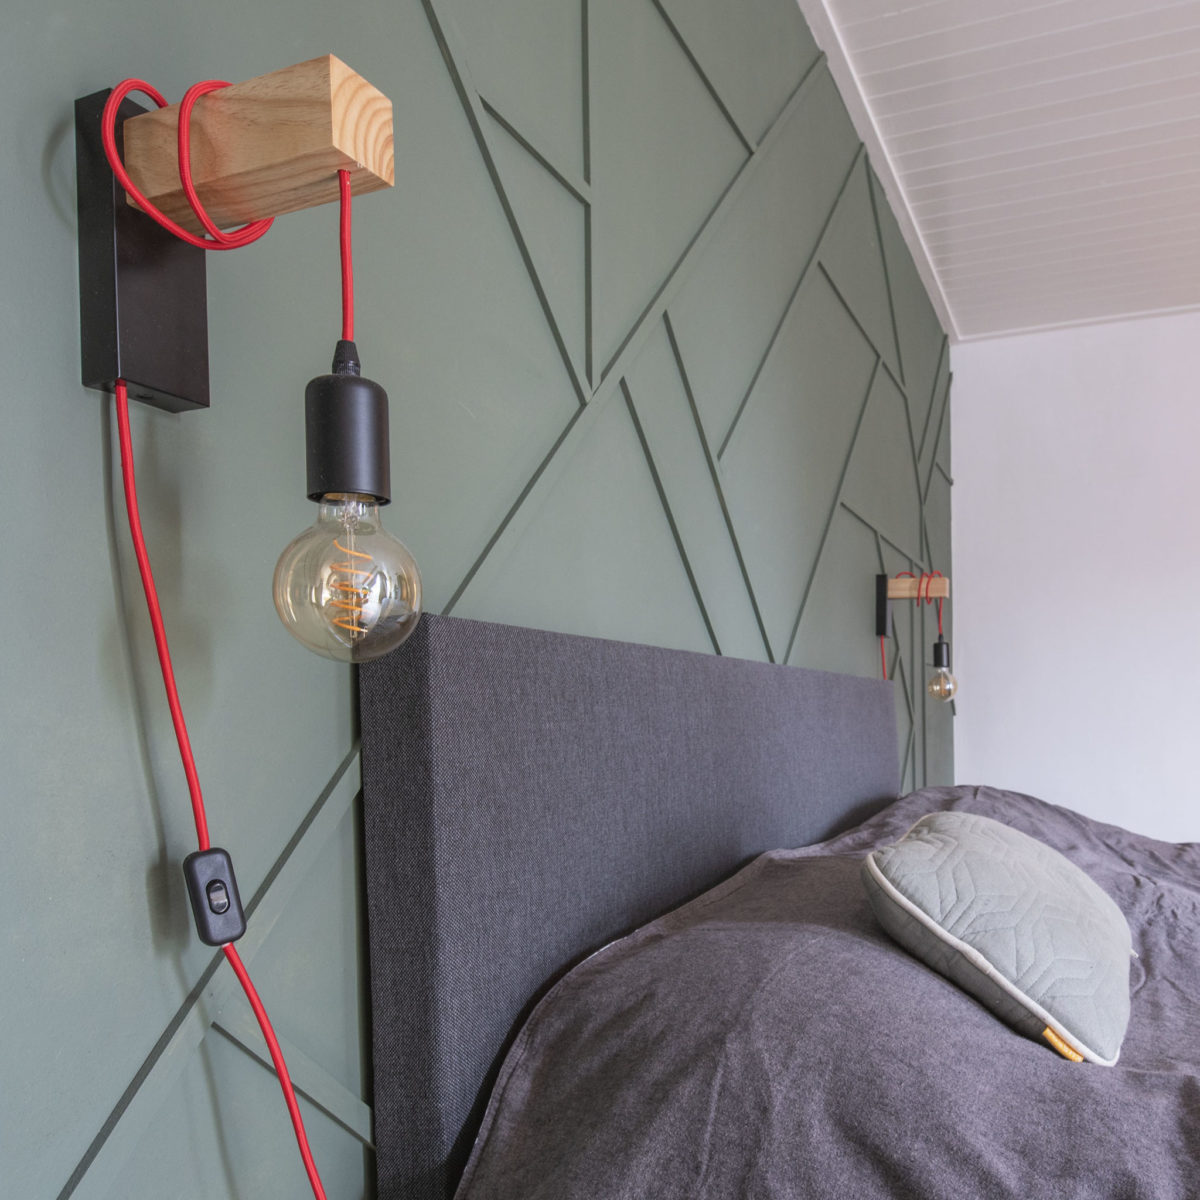 Slaapkamer interieuradvies interieurontwerp Heeswijk Dinther styling Vlijmen kleuradvies